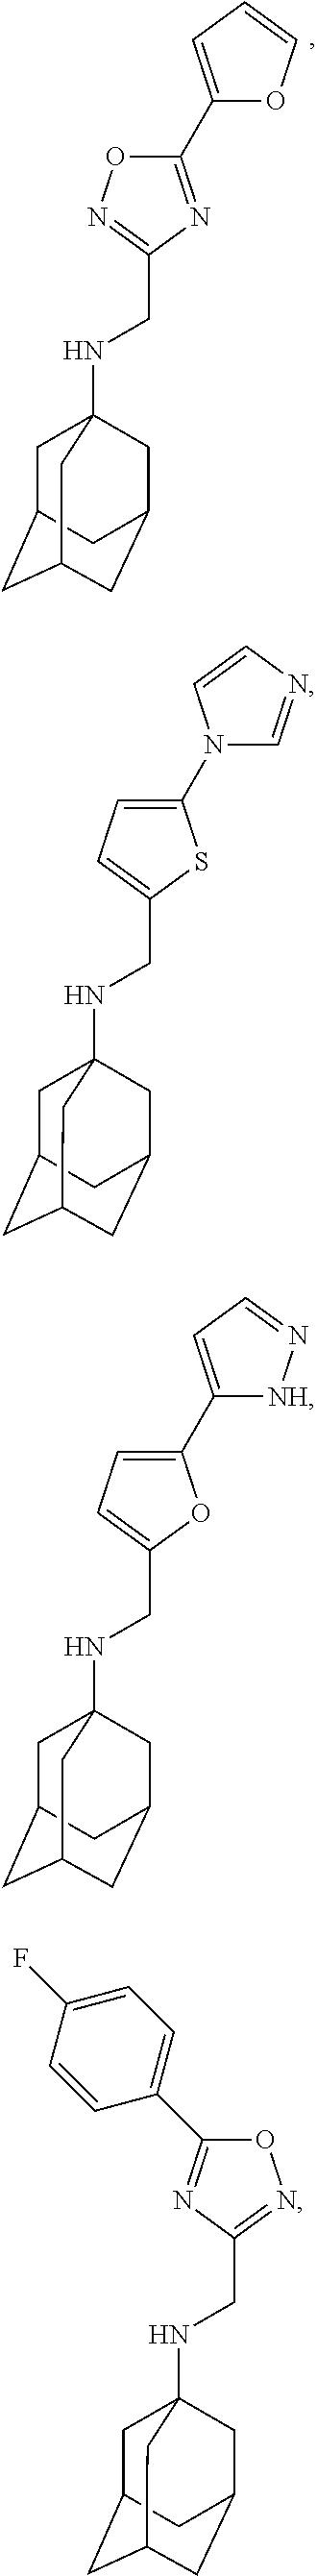 Figure US09884832-20180206-C00063